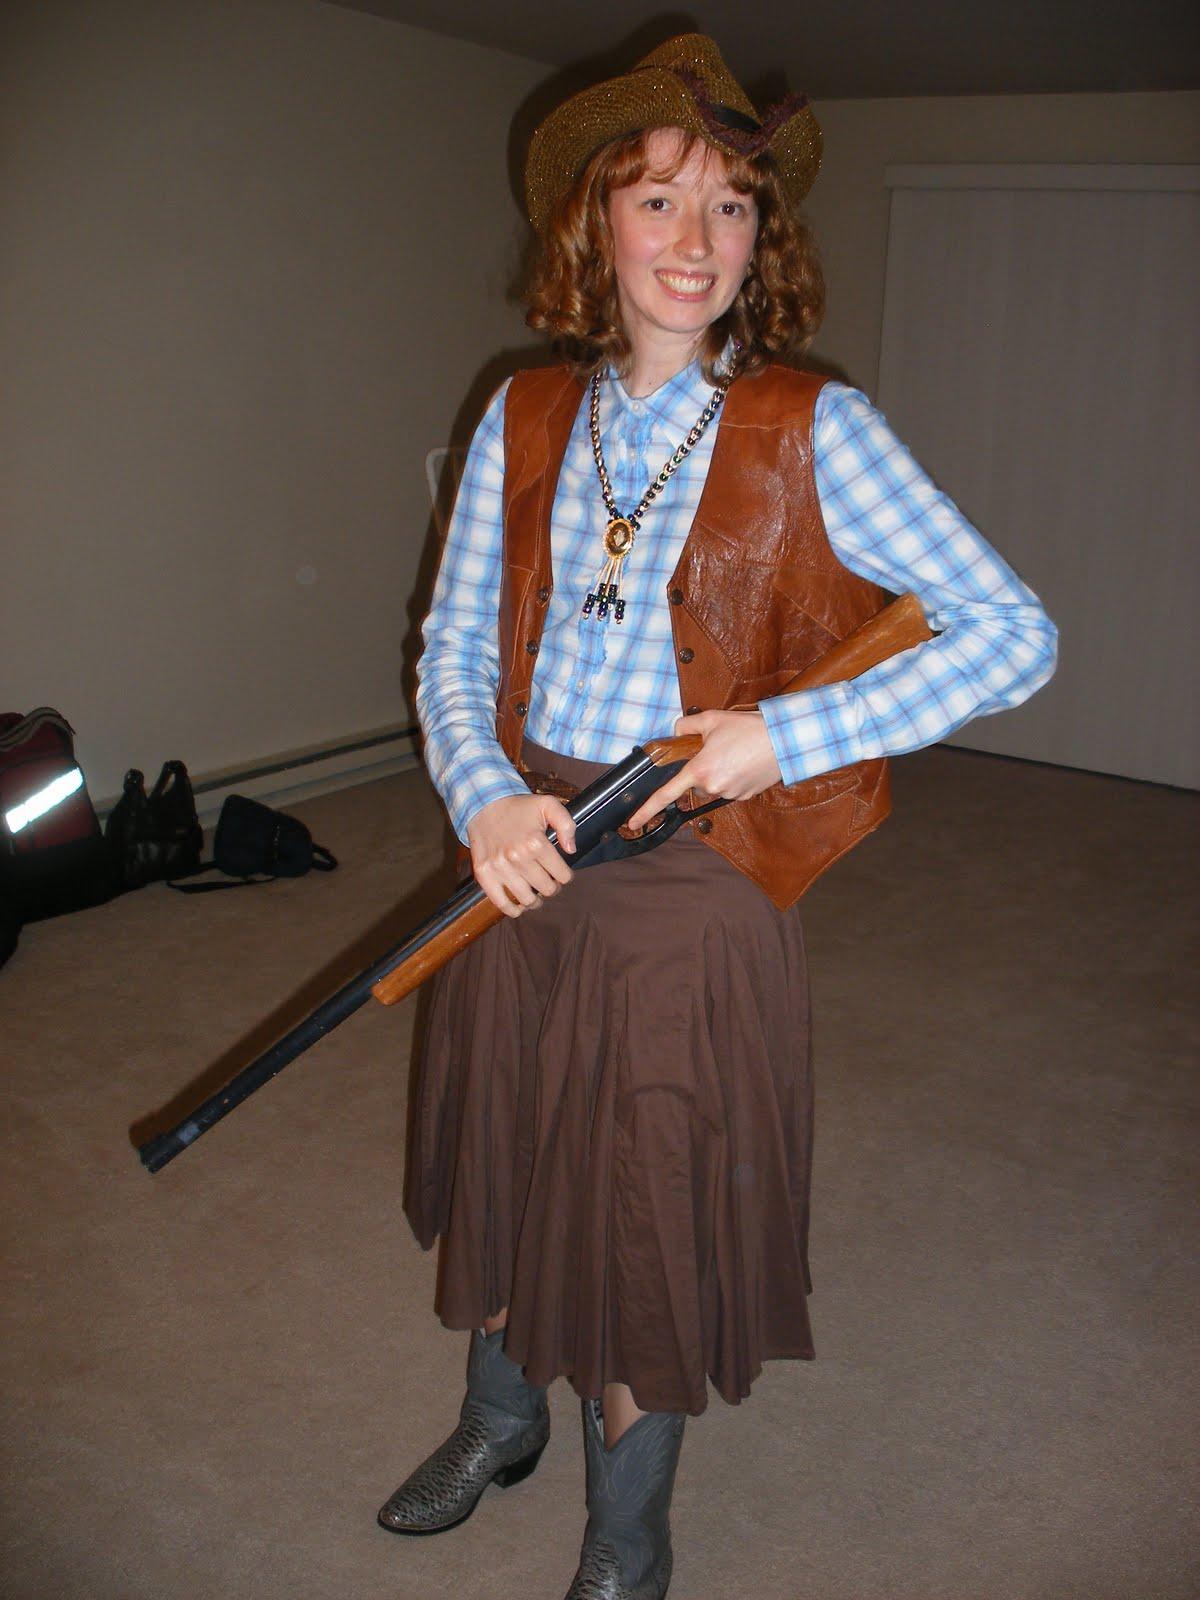 annie oakley costume child  sc 1 st  Louisiana Bucket Brigade & Annie Oakley Costume Child | Louisiana Bucket Brigade